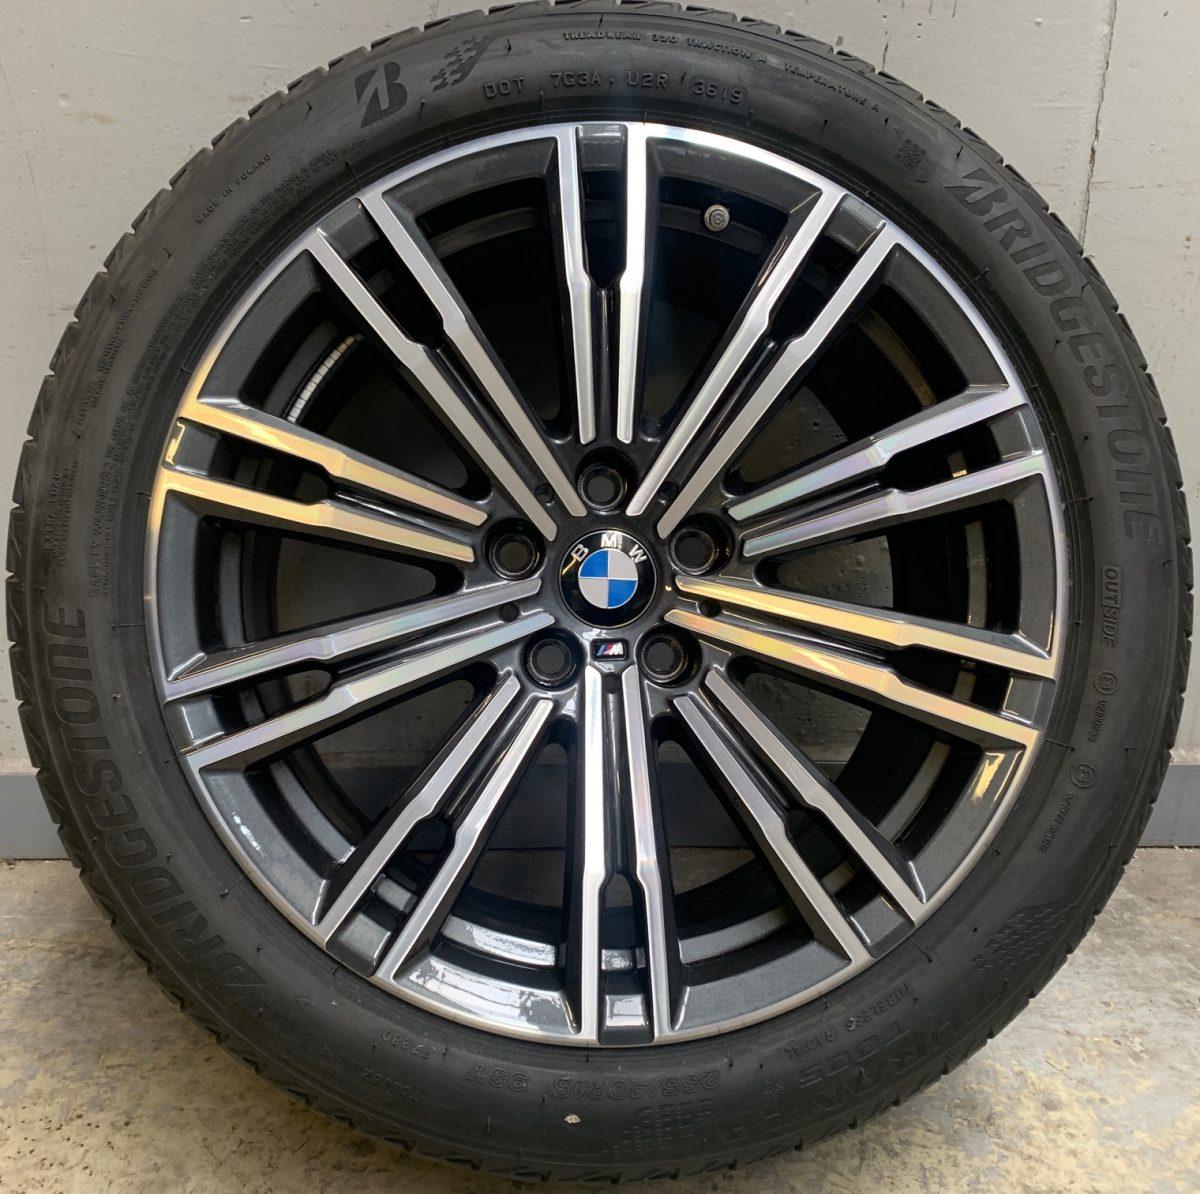 Gyári alufelni BMW G20 (790M styl) 7,5X18 8,5X18 5x112 alufelni új nyári garnitúra! Bridgestone gumikkal 1